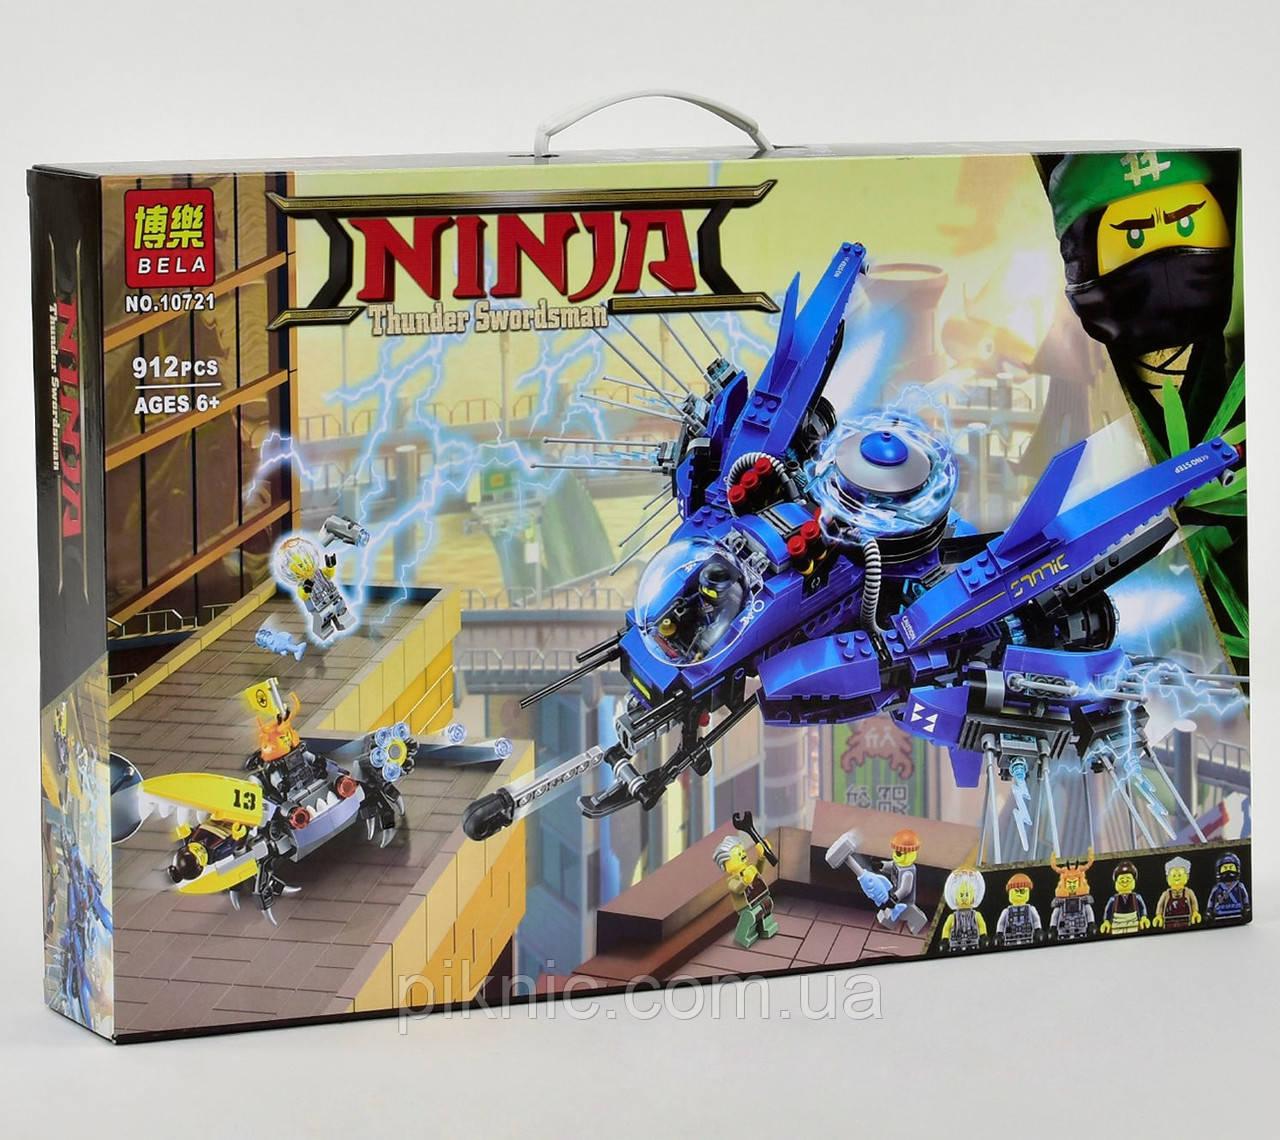 Конструктор Ниндзяго Самолет 918 деталей, Детский конструктор Ниндзя, Ниндзяго для мальчиков